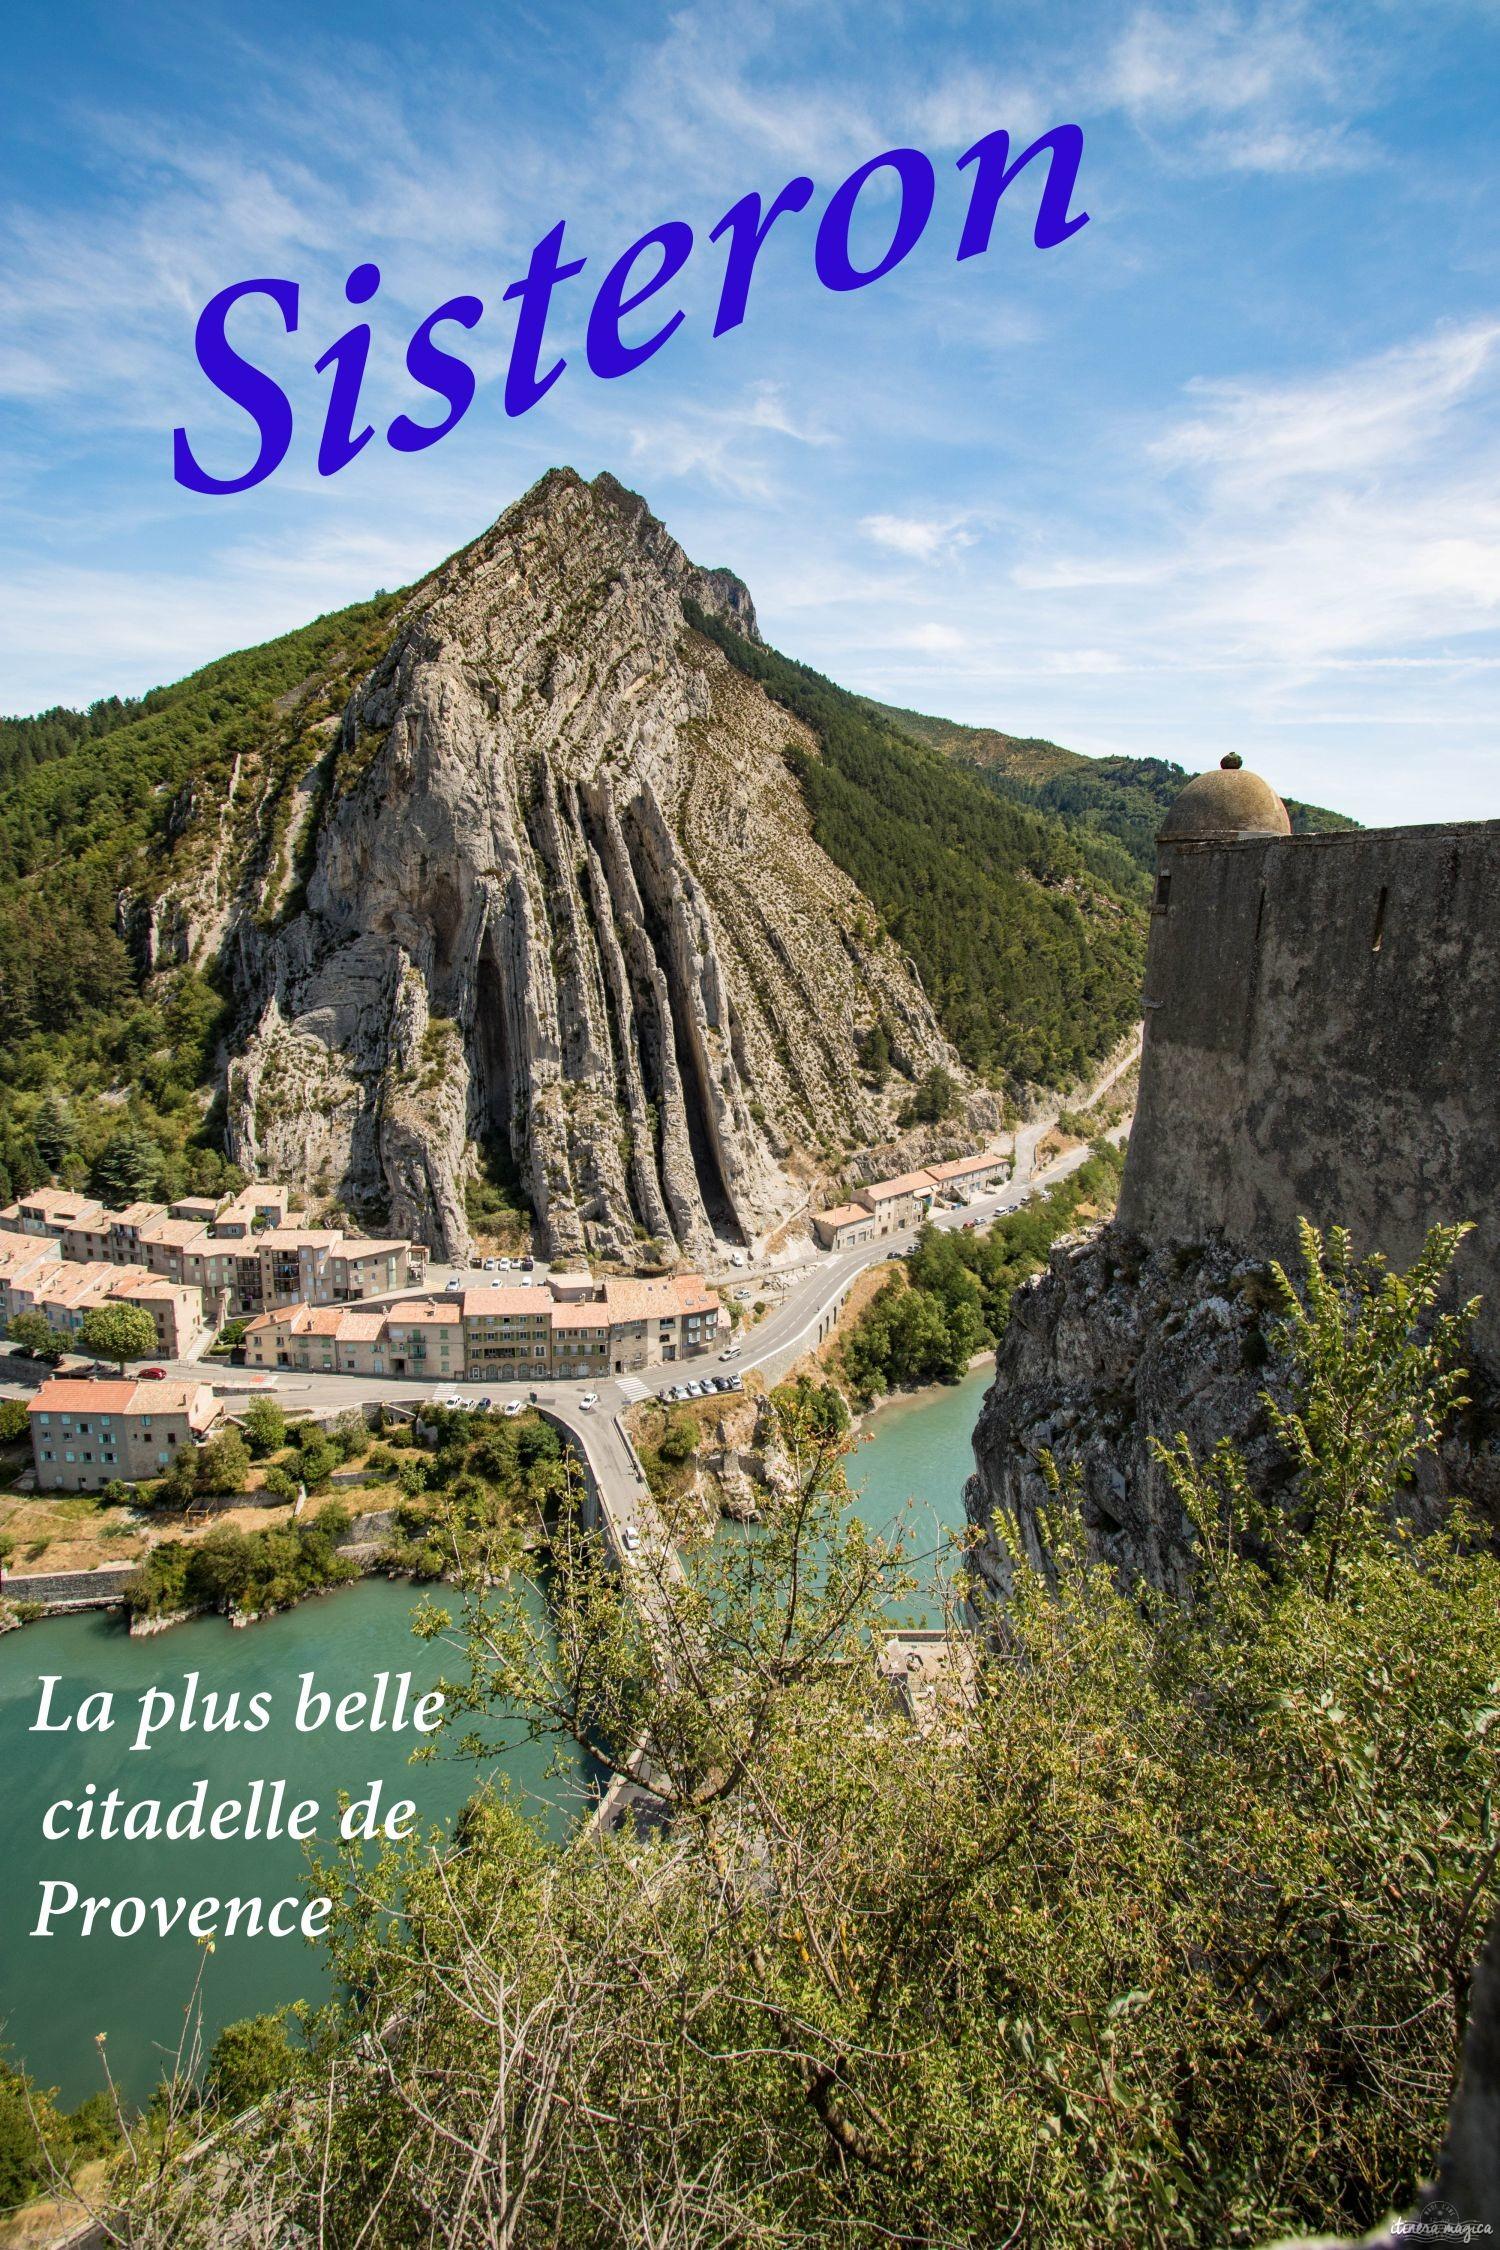 Découvrez Sisteron, sa citadelle mythique, ses deux rivières, au coeur des Baronnies provençales. #provence #sisteron